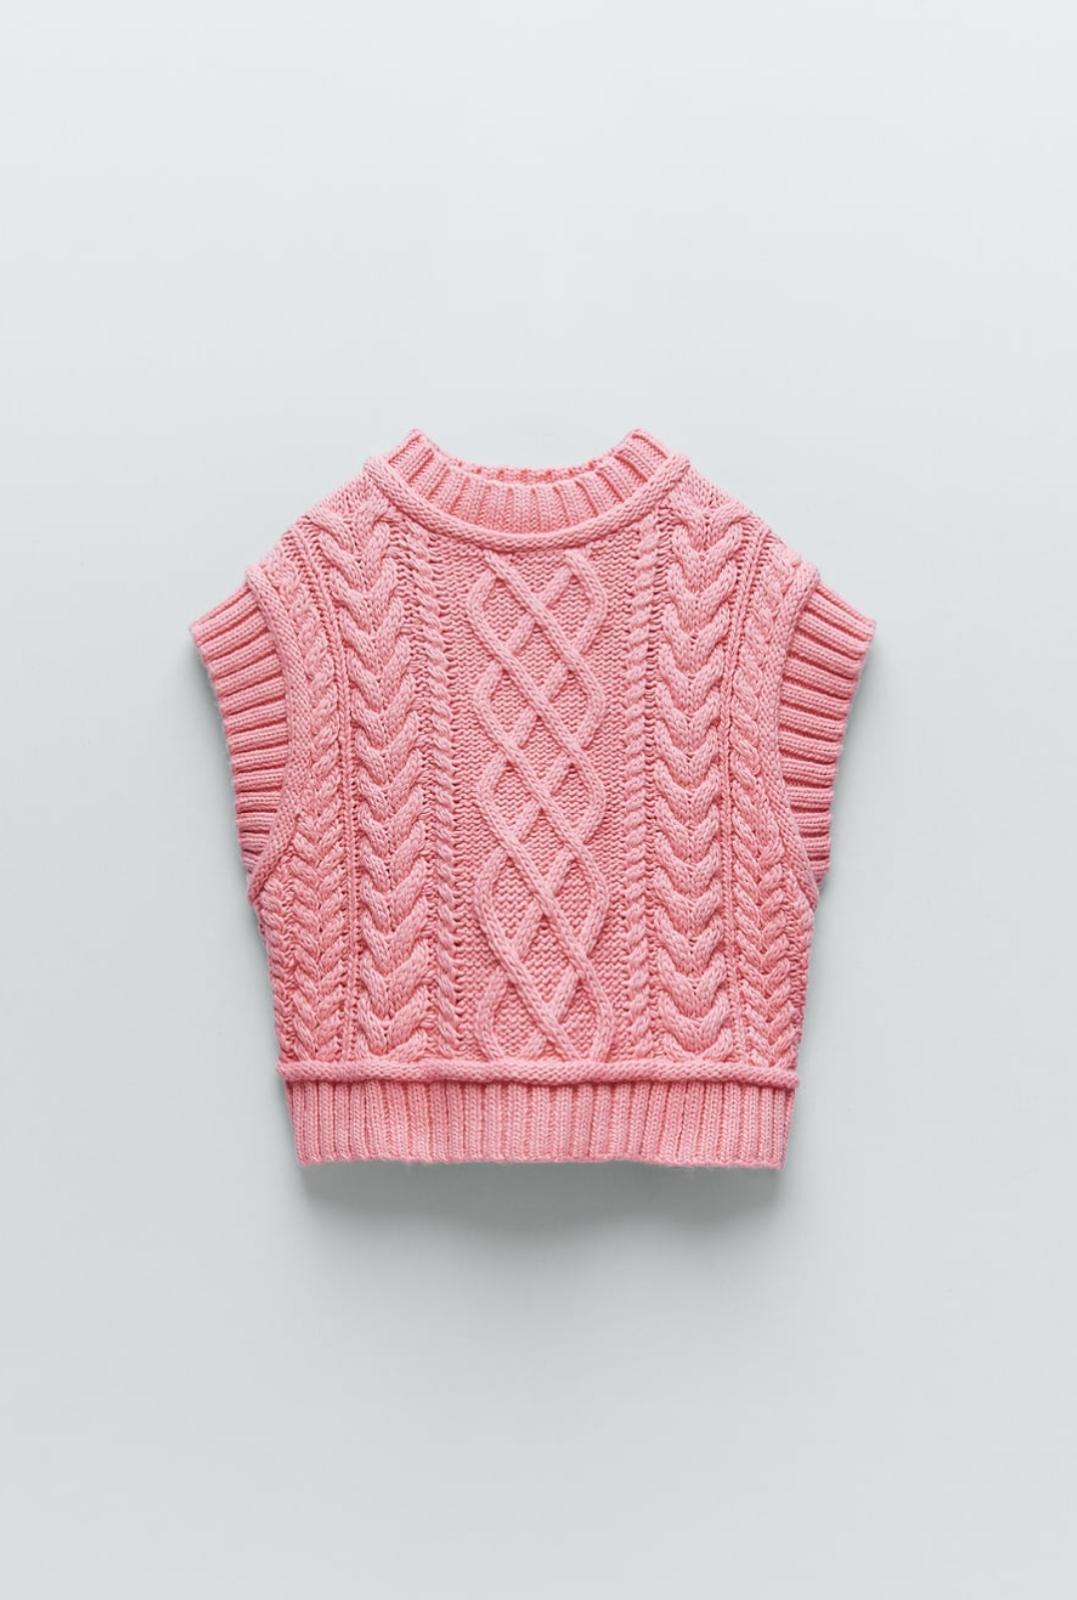 Chaleco de punto trenzado con cuello subido y manga sisa en color rosa chicle, de Zara (29'95€)